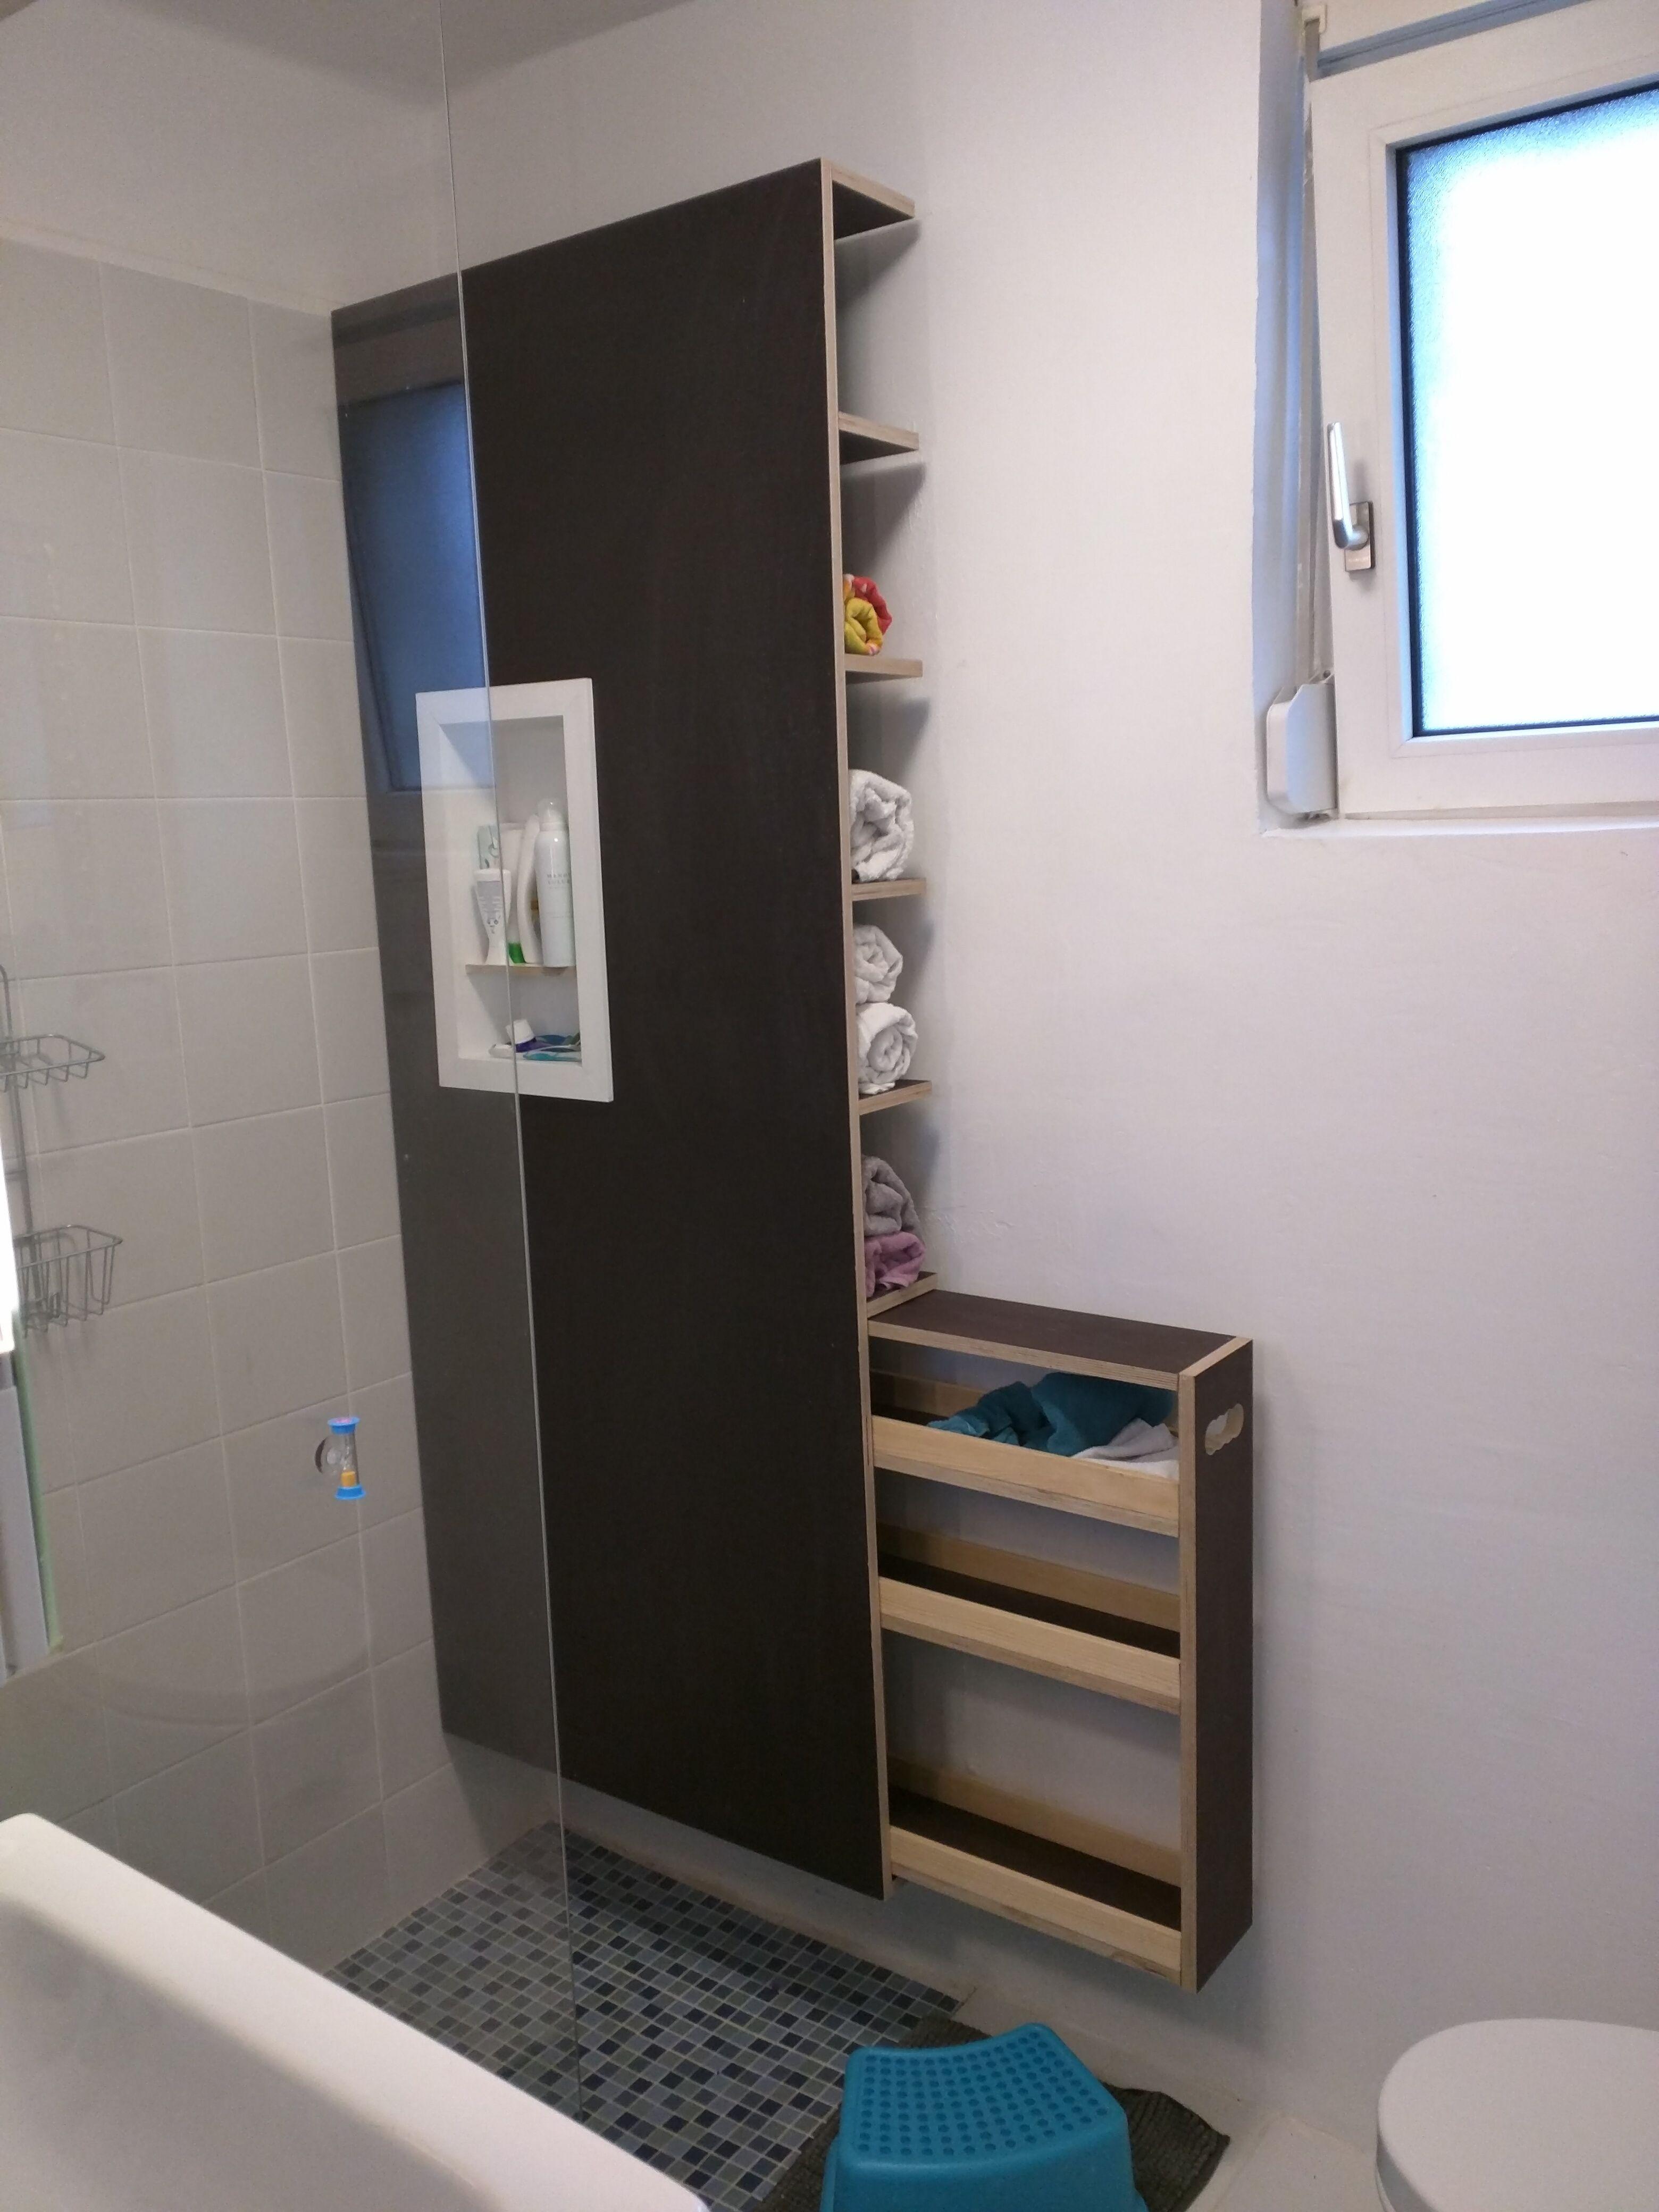 Badmobel Mit Shampoohalter Handtuchregal Und Schublade Siebdruckplatten Fur Feuchtraum Badezimmer Einrichtung Regal Bad Handtuchregal